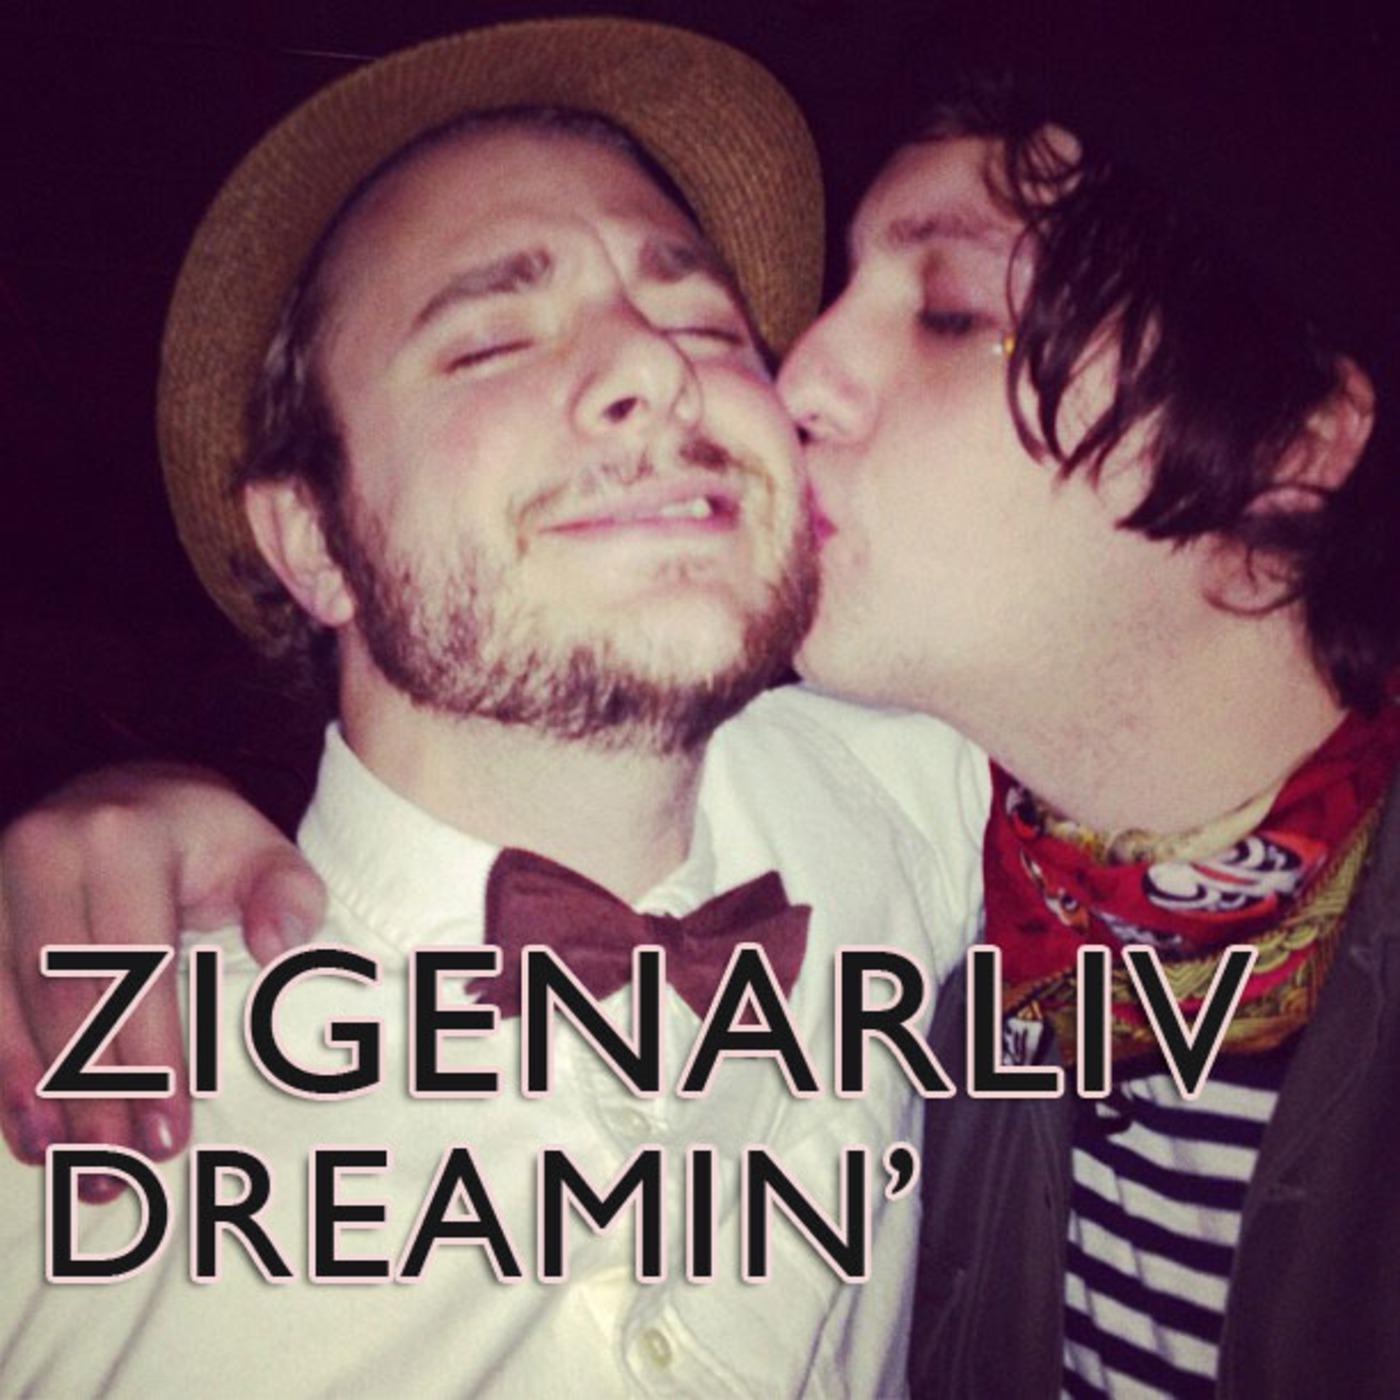 Zigenarliv Dreamin'